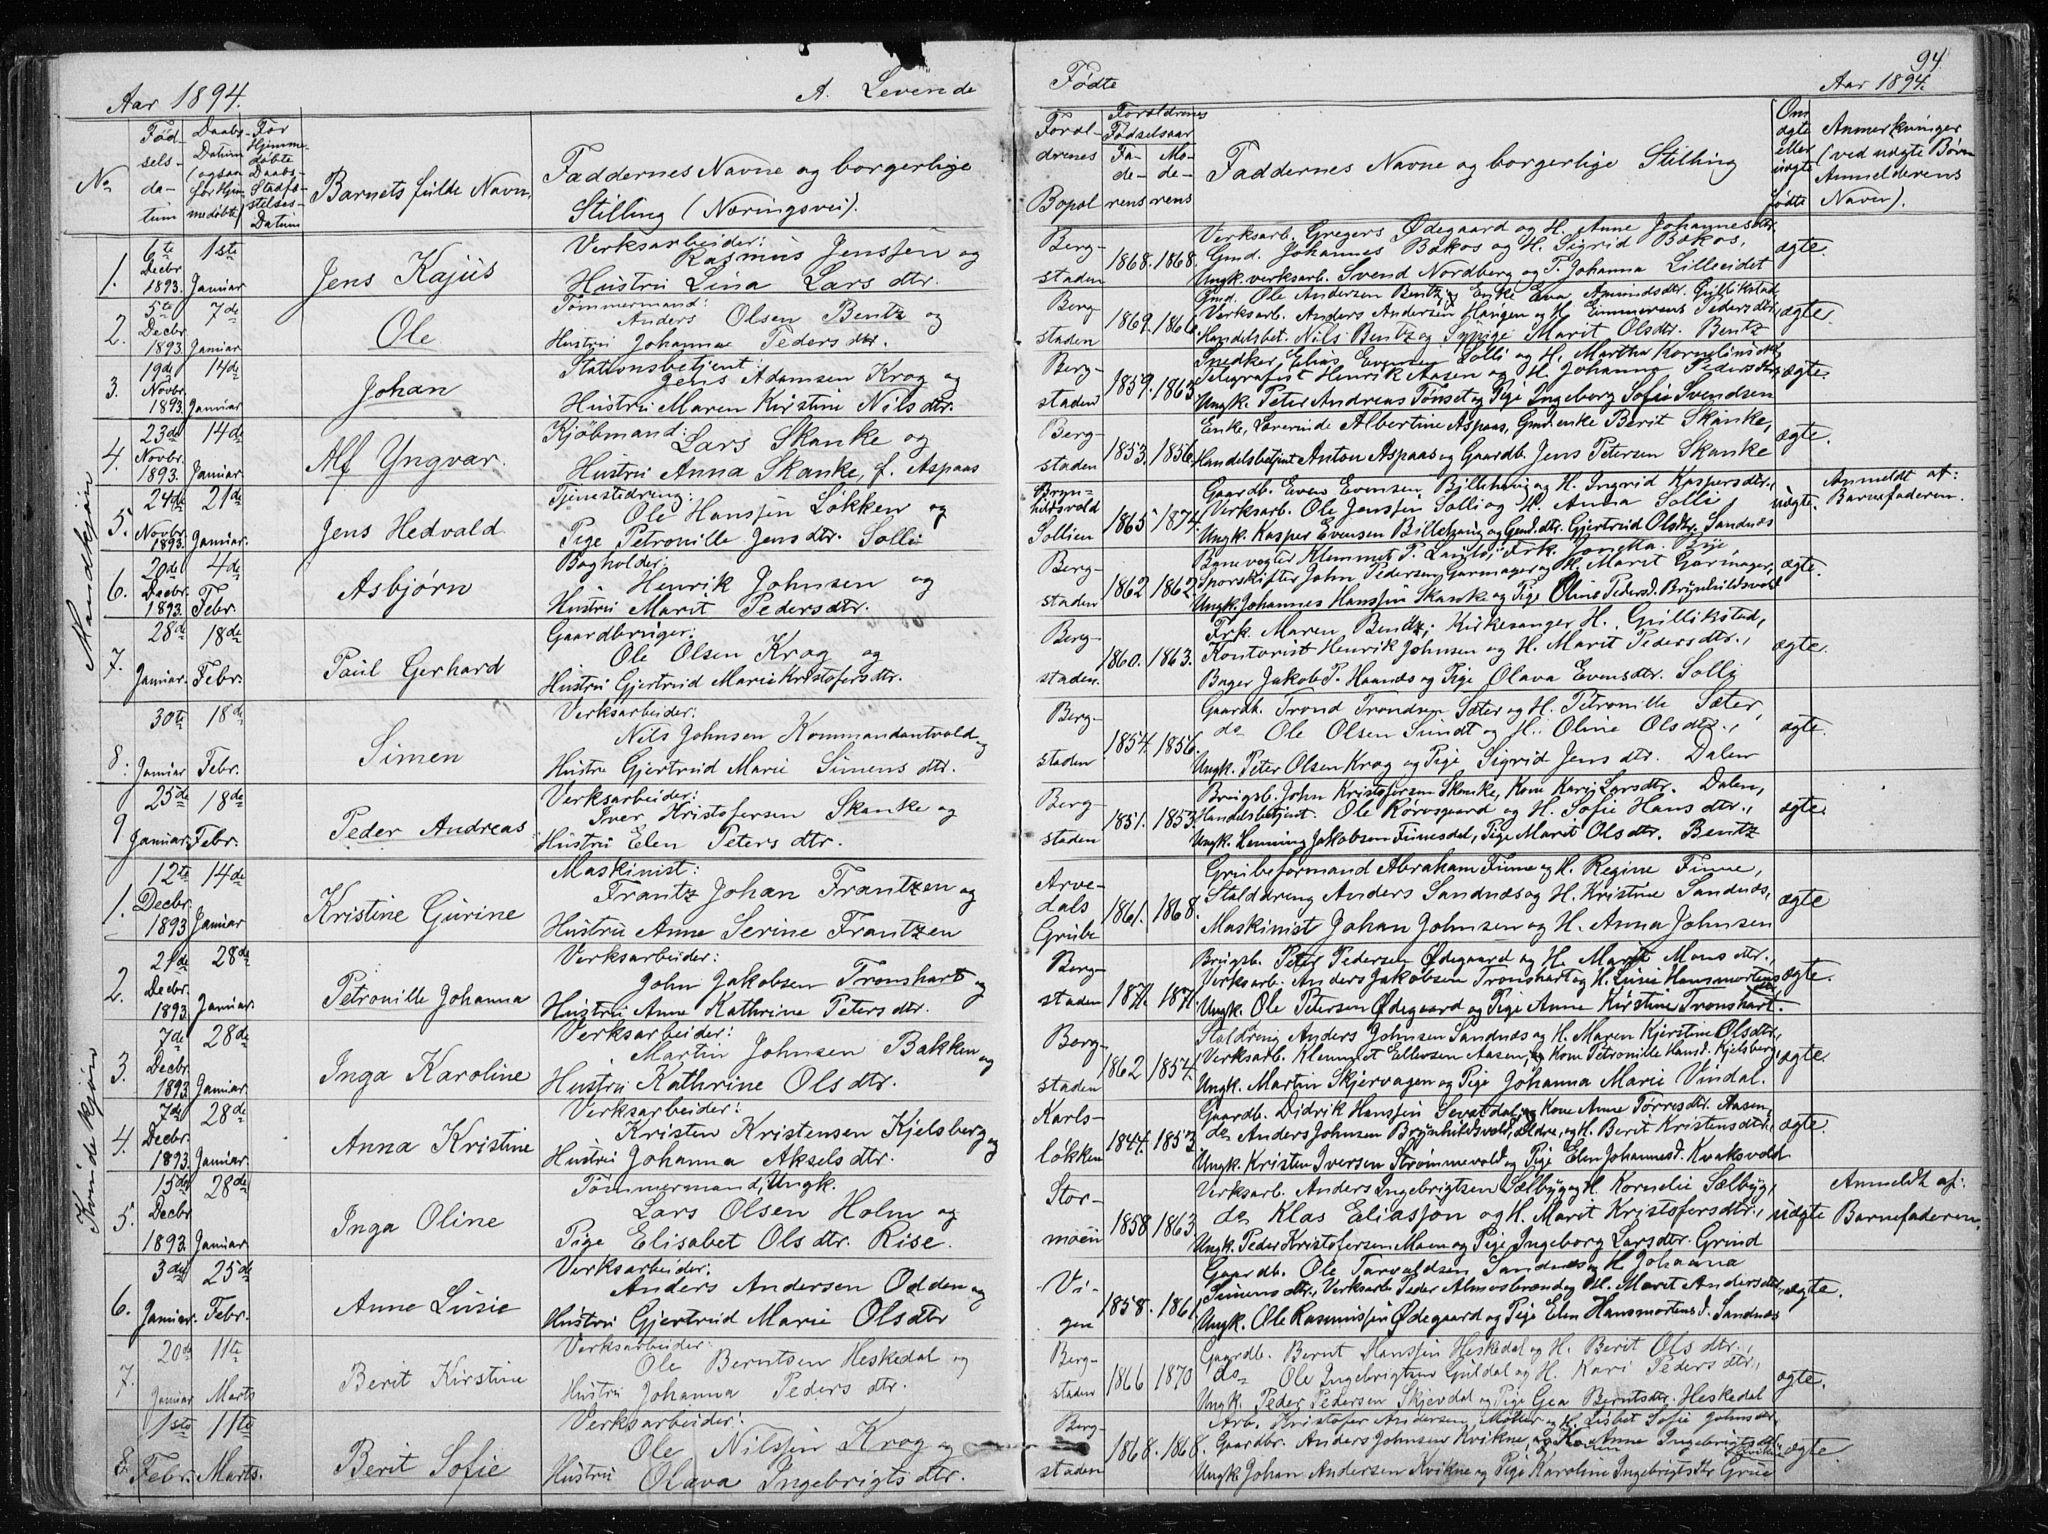 SAT, Ministerialprotokoller, klokkerbøker og fødselsregistre - Sør-Trøndelag, 681/L0940: Klokkerbok nr. 681C04, 1880-1895, s. 94